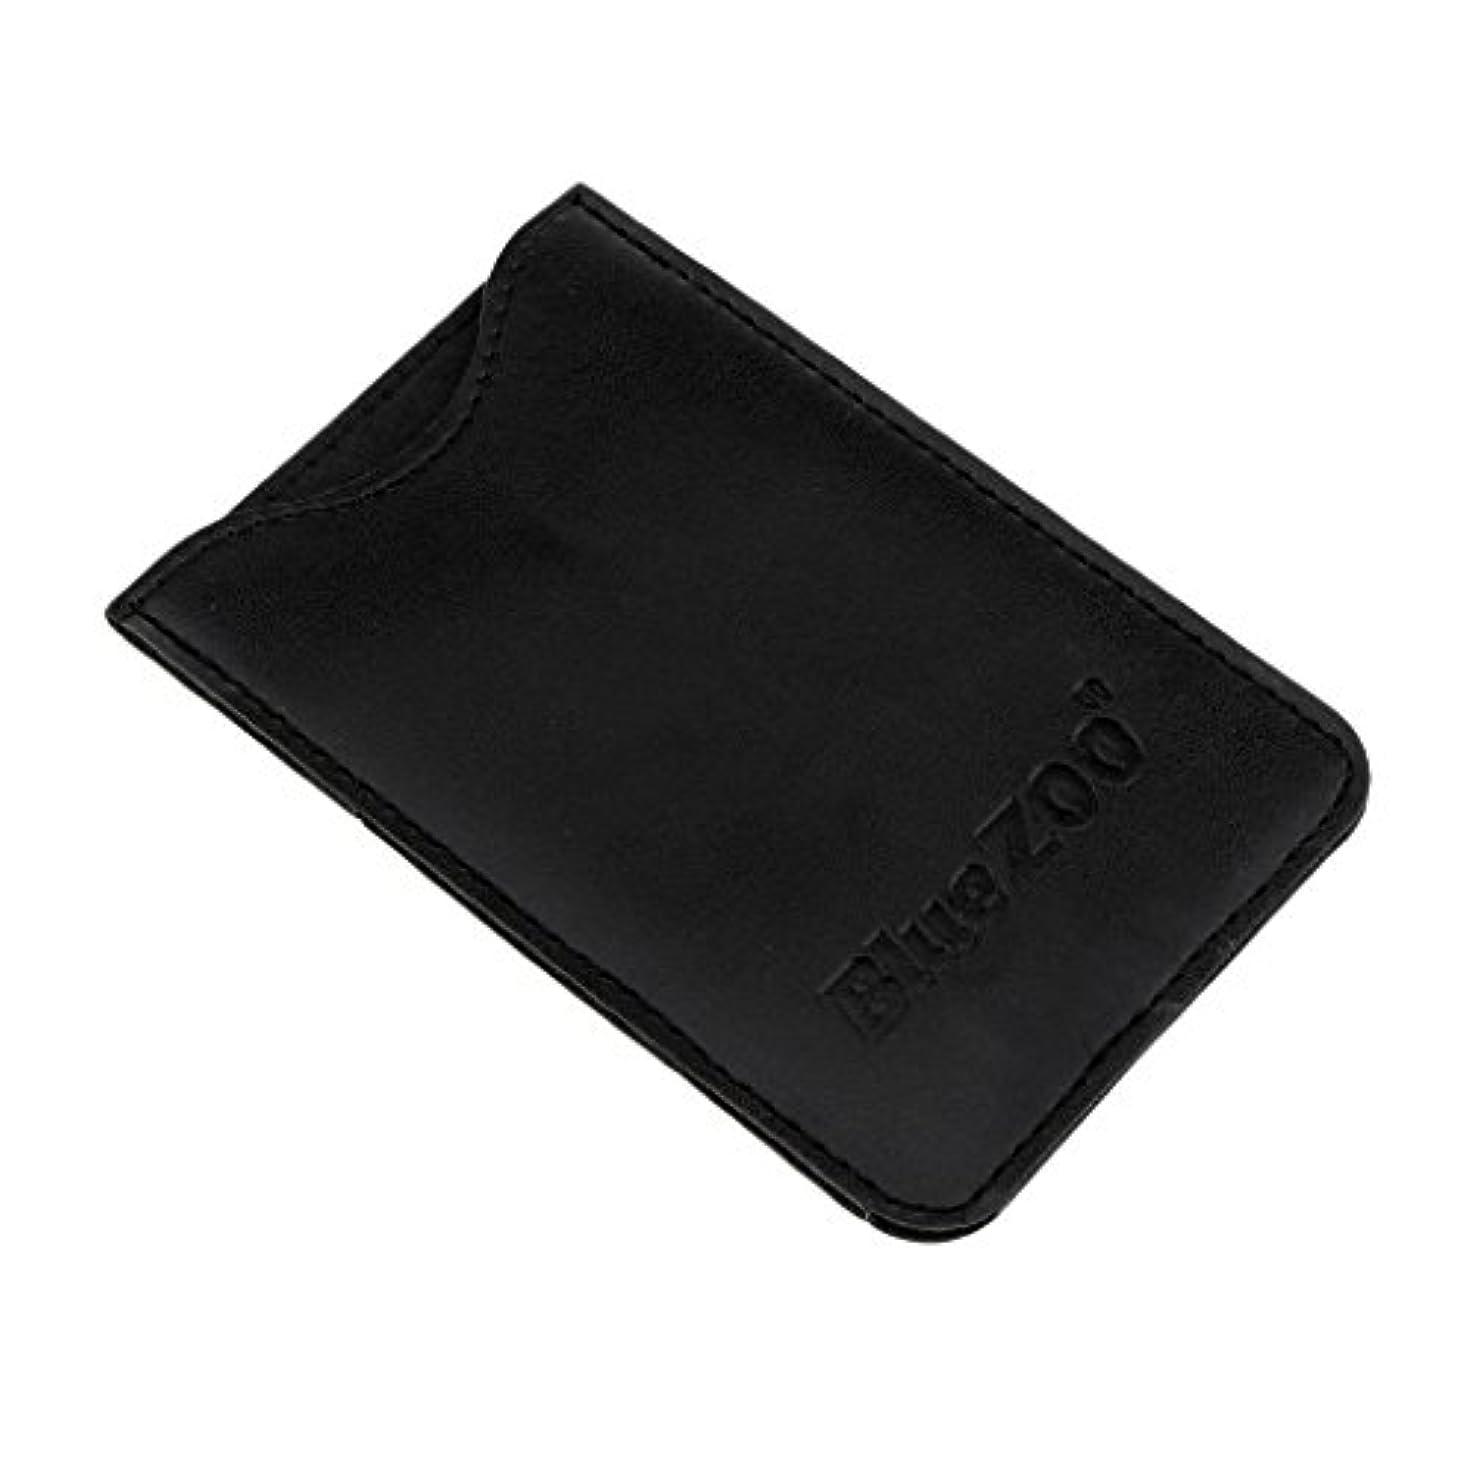 性能肥満ディーラーPerfk PUレザー バッグ 収納ケース 保護カバー 櫛/名刺/IDカード/銀行カード 収納パック 便利 全2色  - ブラック